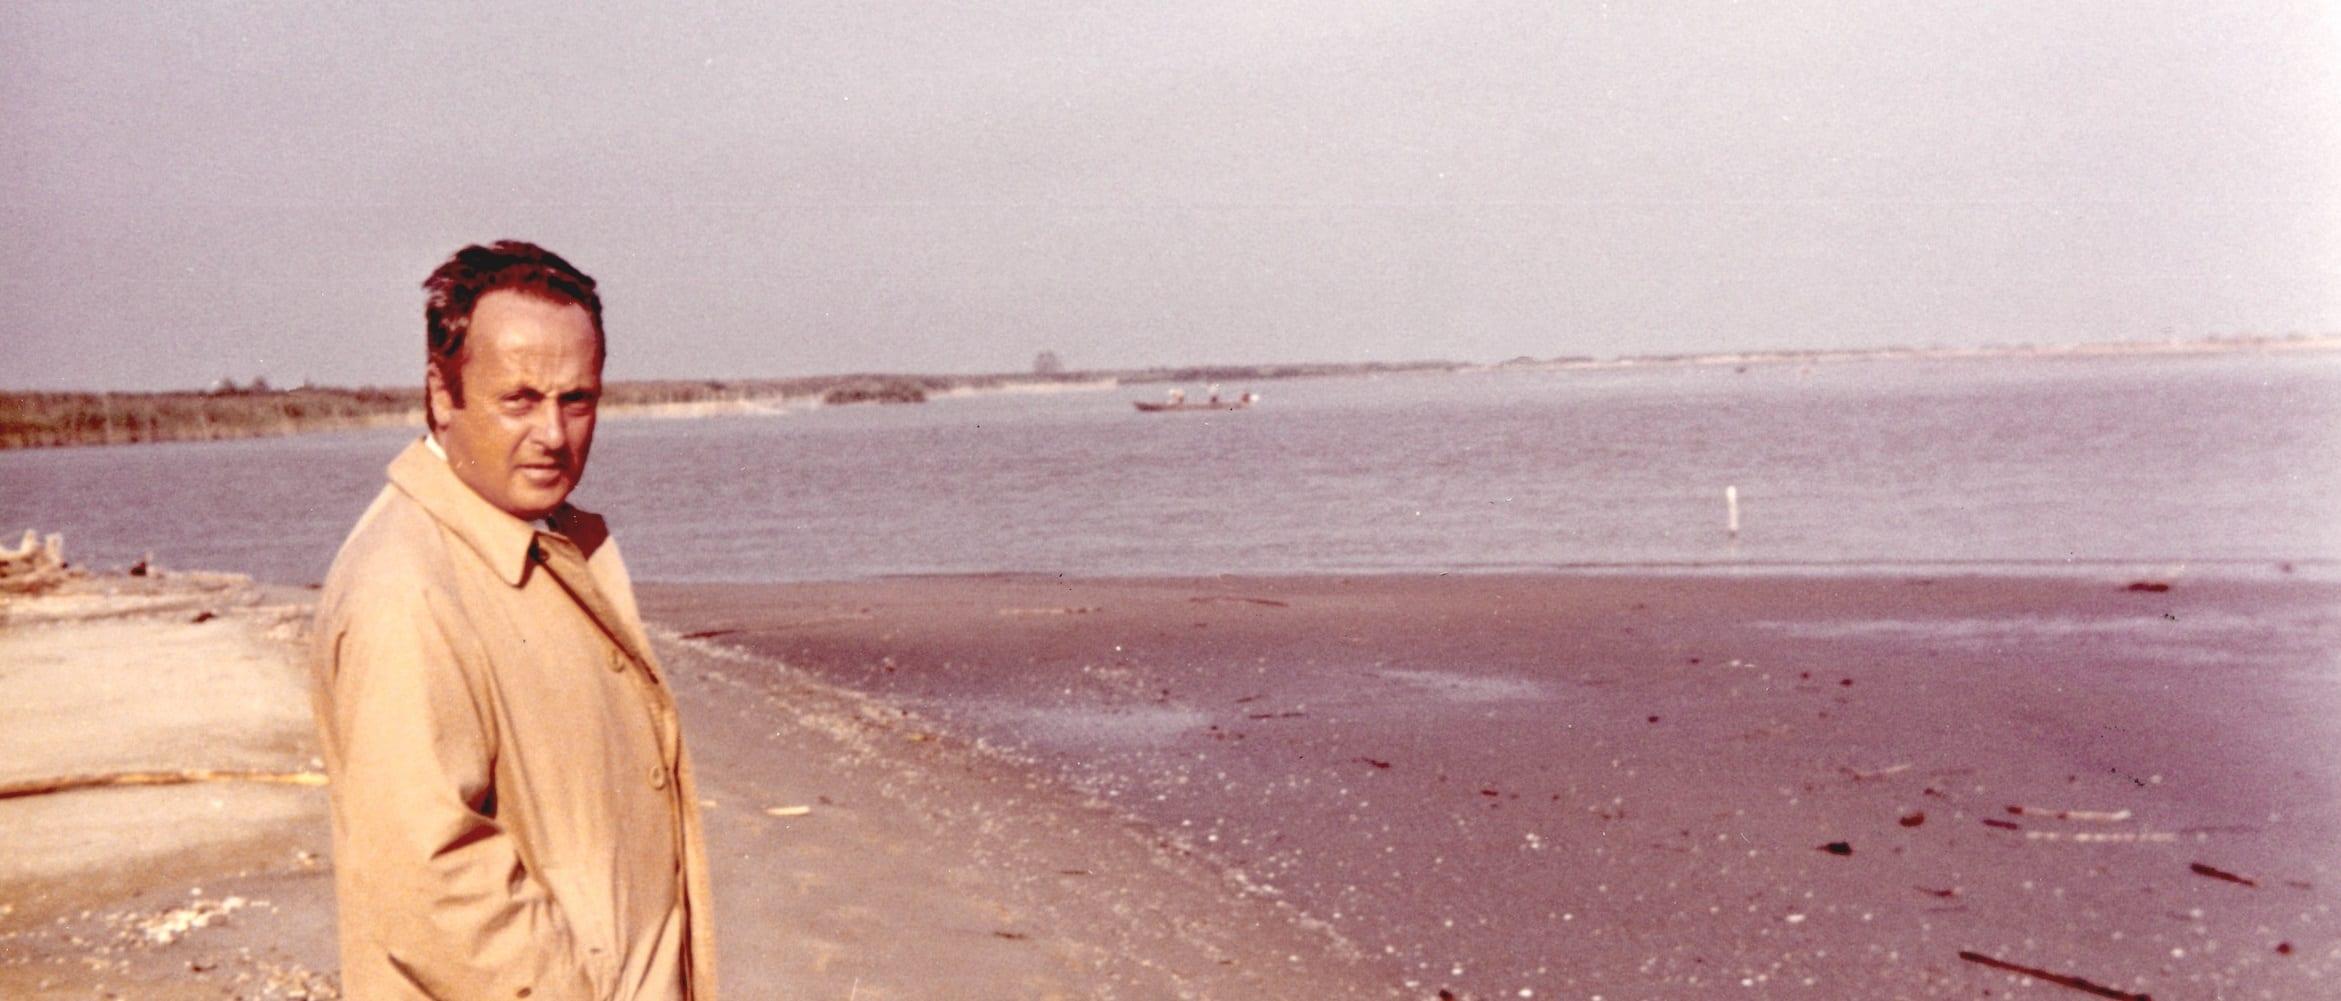 bassani1972-slider